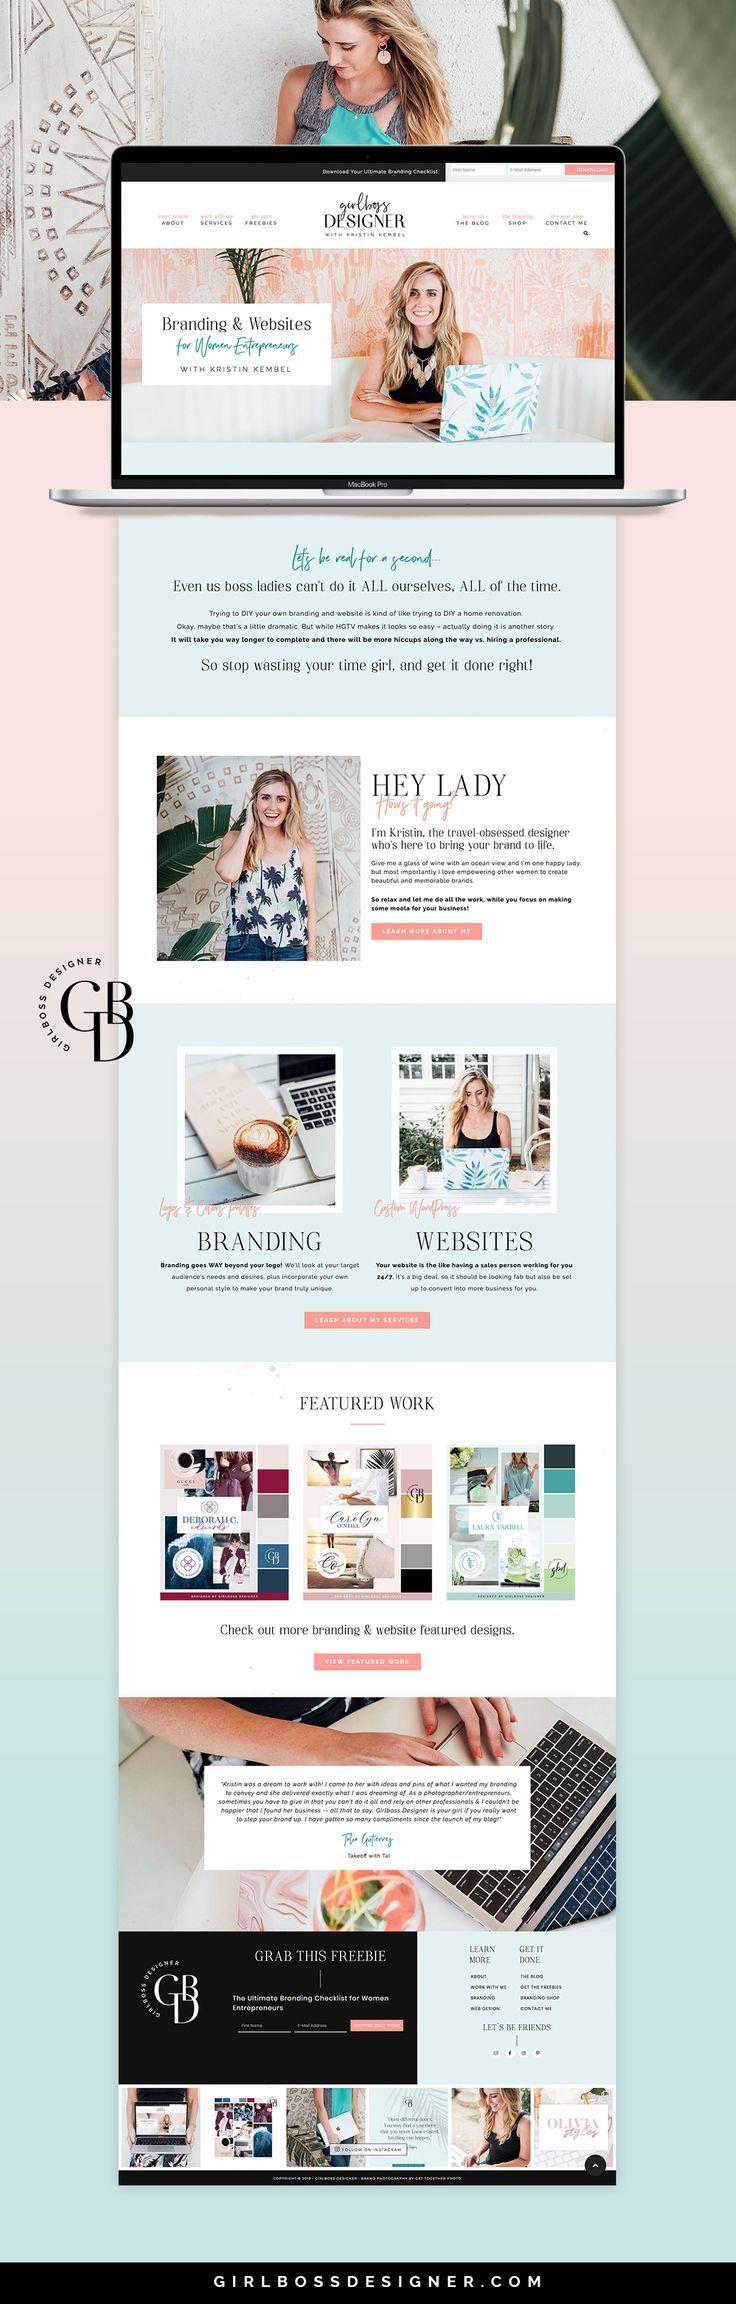 Feminine Wordpress Websites For Female Feminine Wordpress Websites For Female Entrepreneurs By Gi Website Design Layout Branding Website Design Web Design Tips